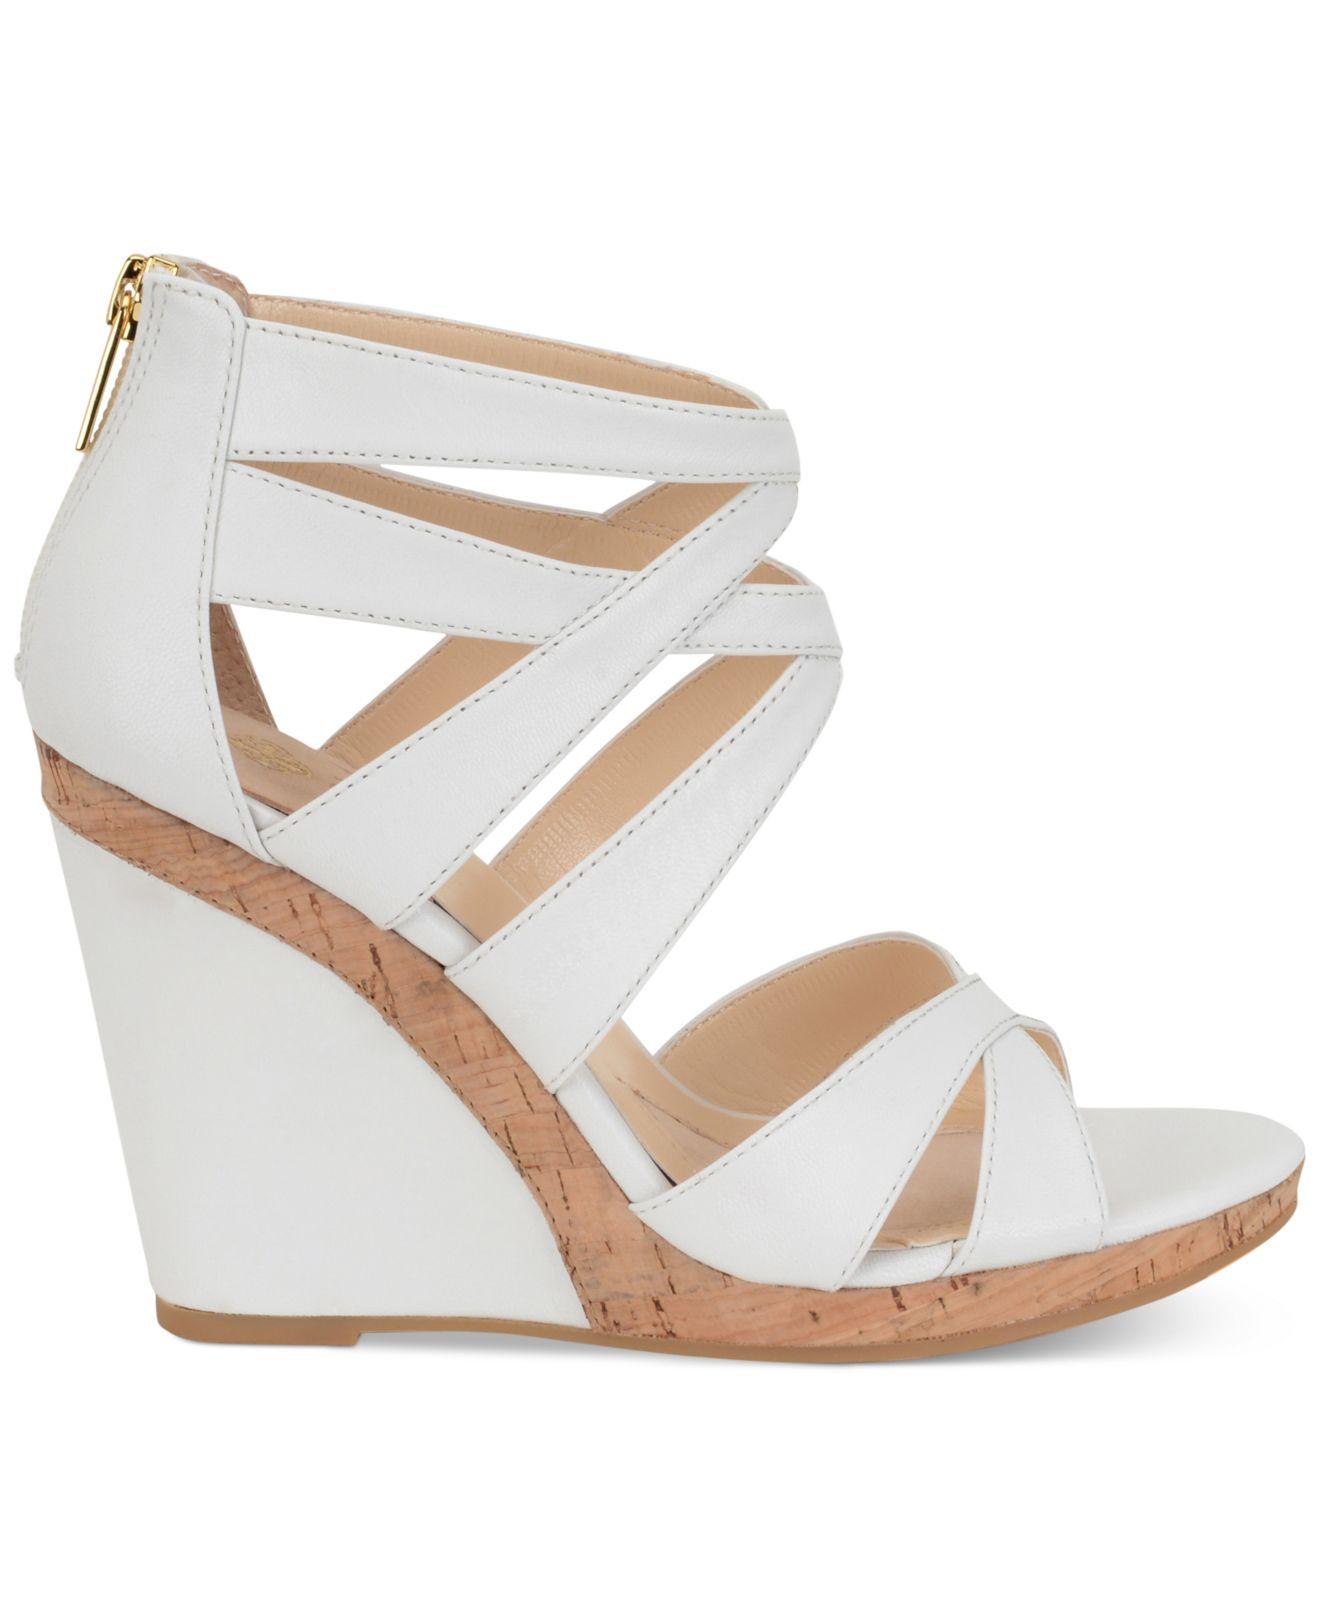 isola alisha wedge sandals in white lyst